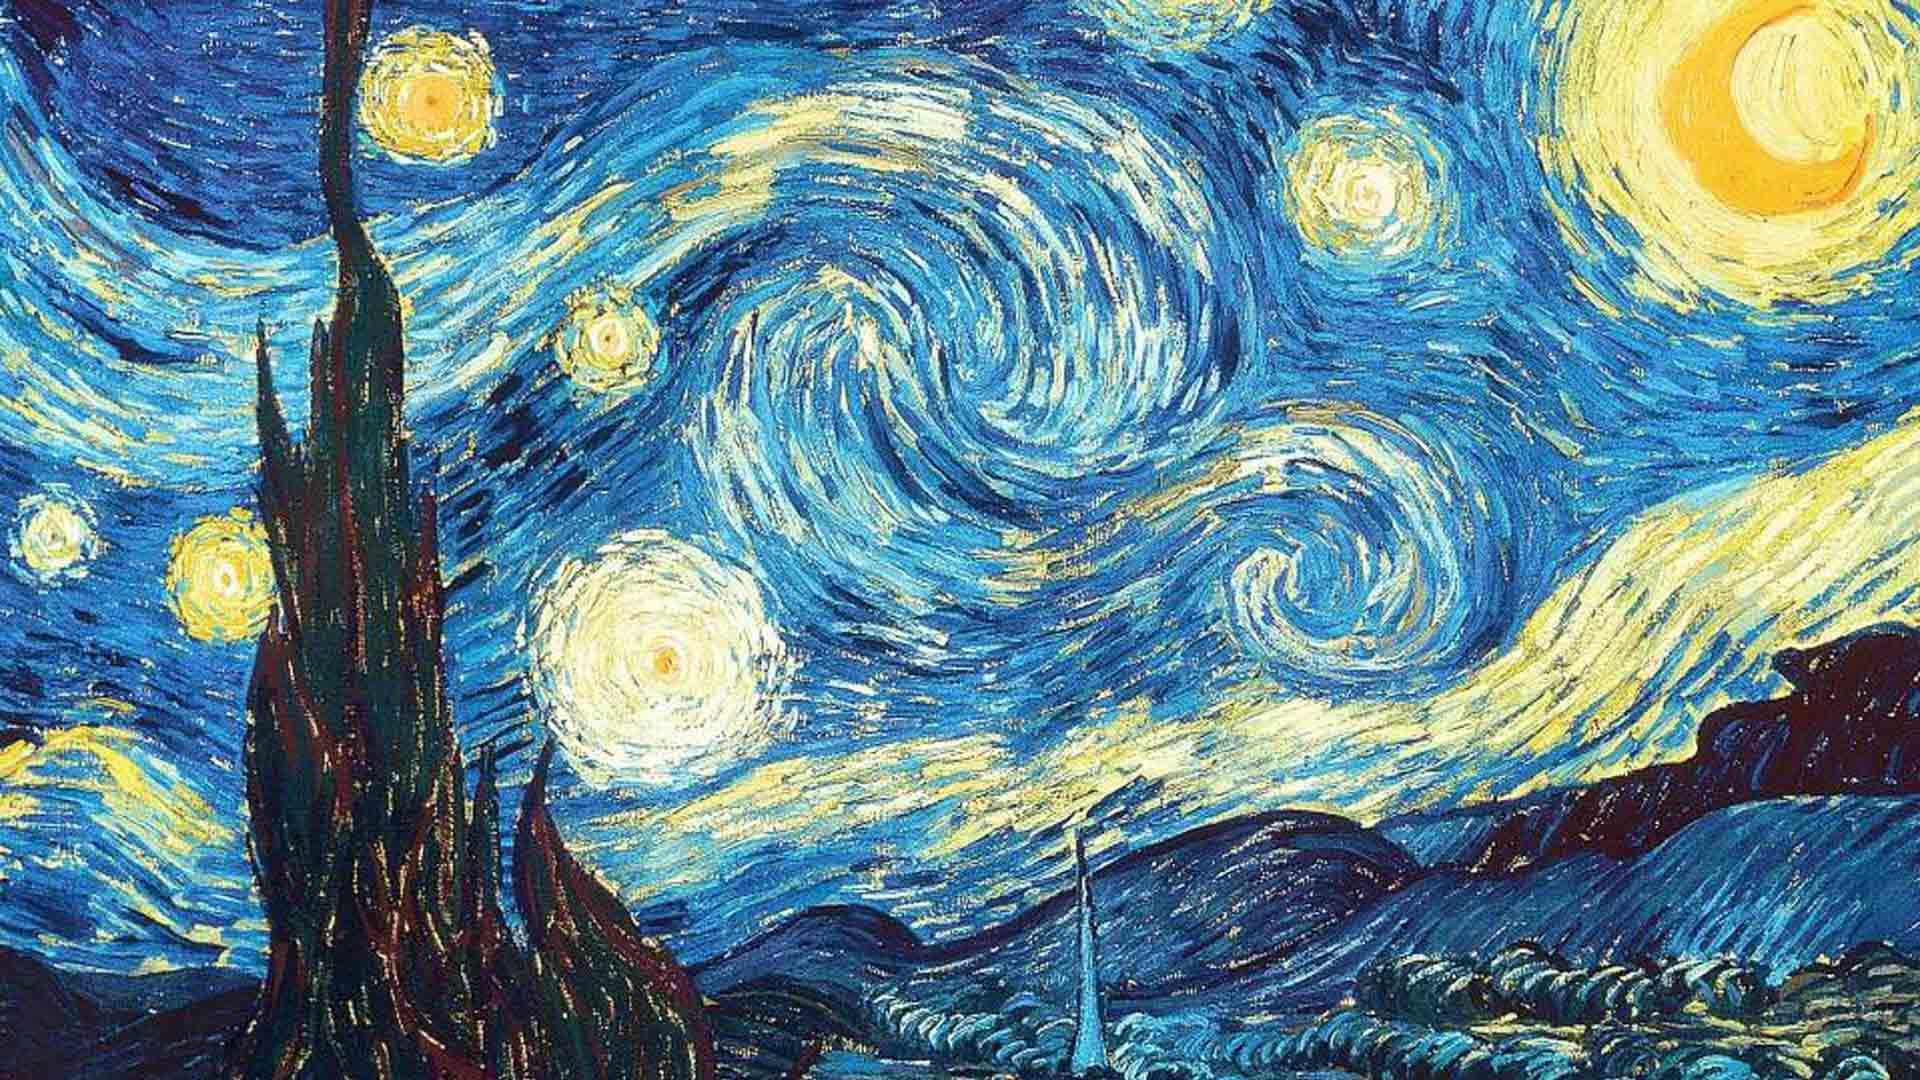 #经典电影#《永恒之门》透析梵高的苦与乐,伟大的艺术是怎样诞生的?